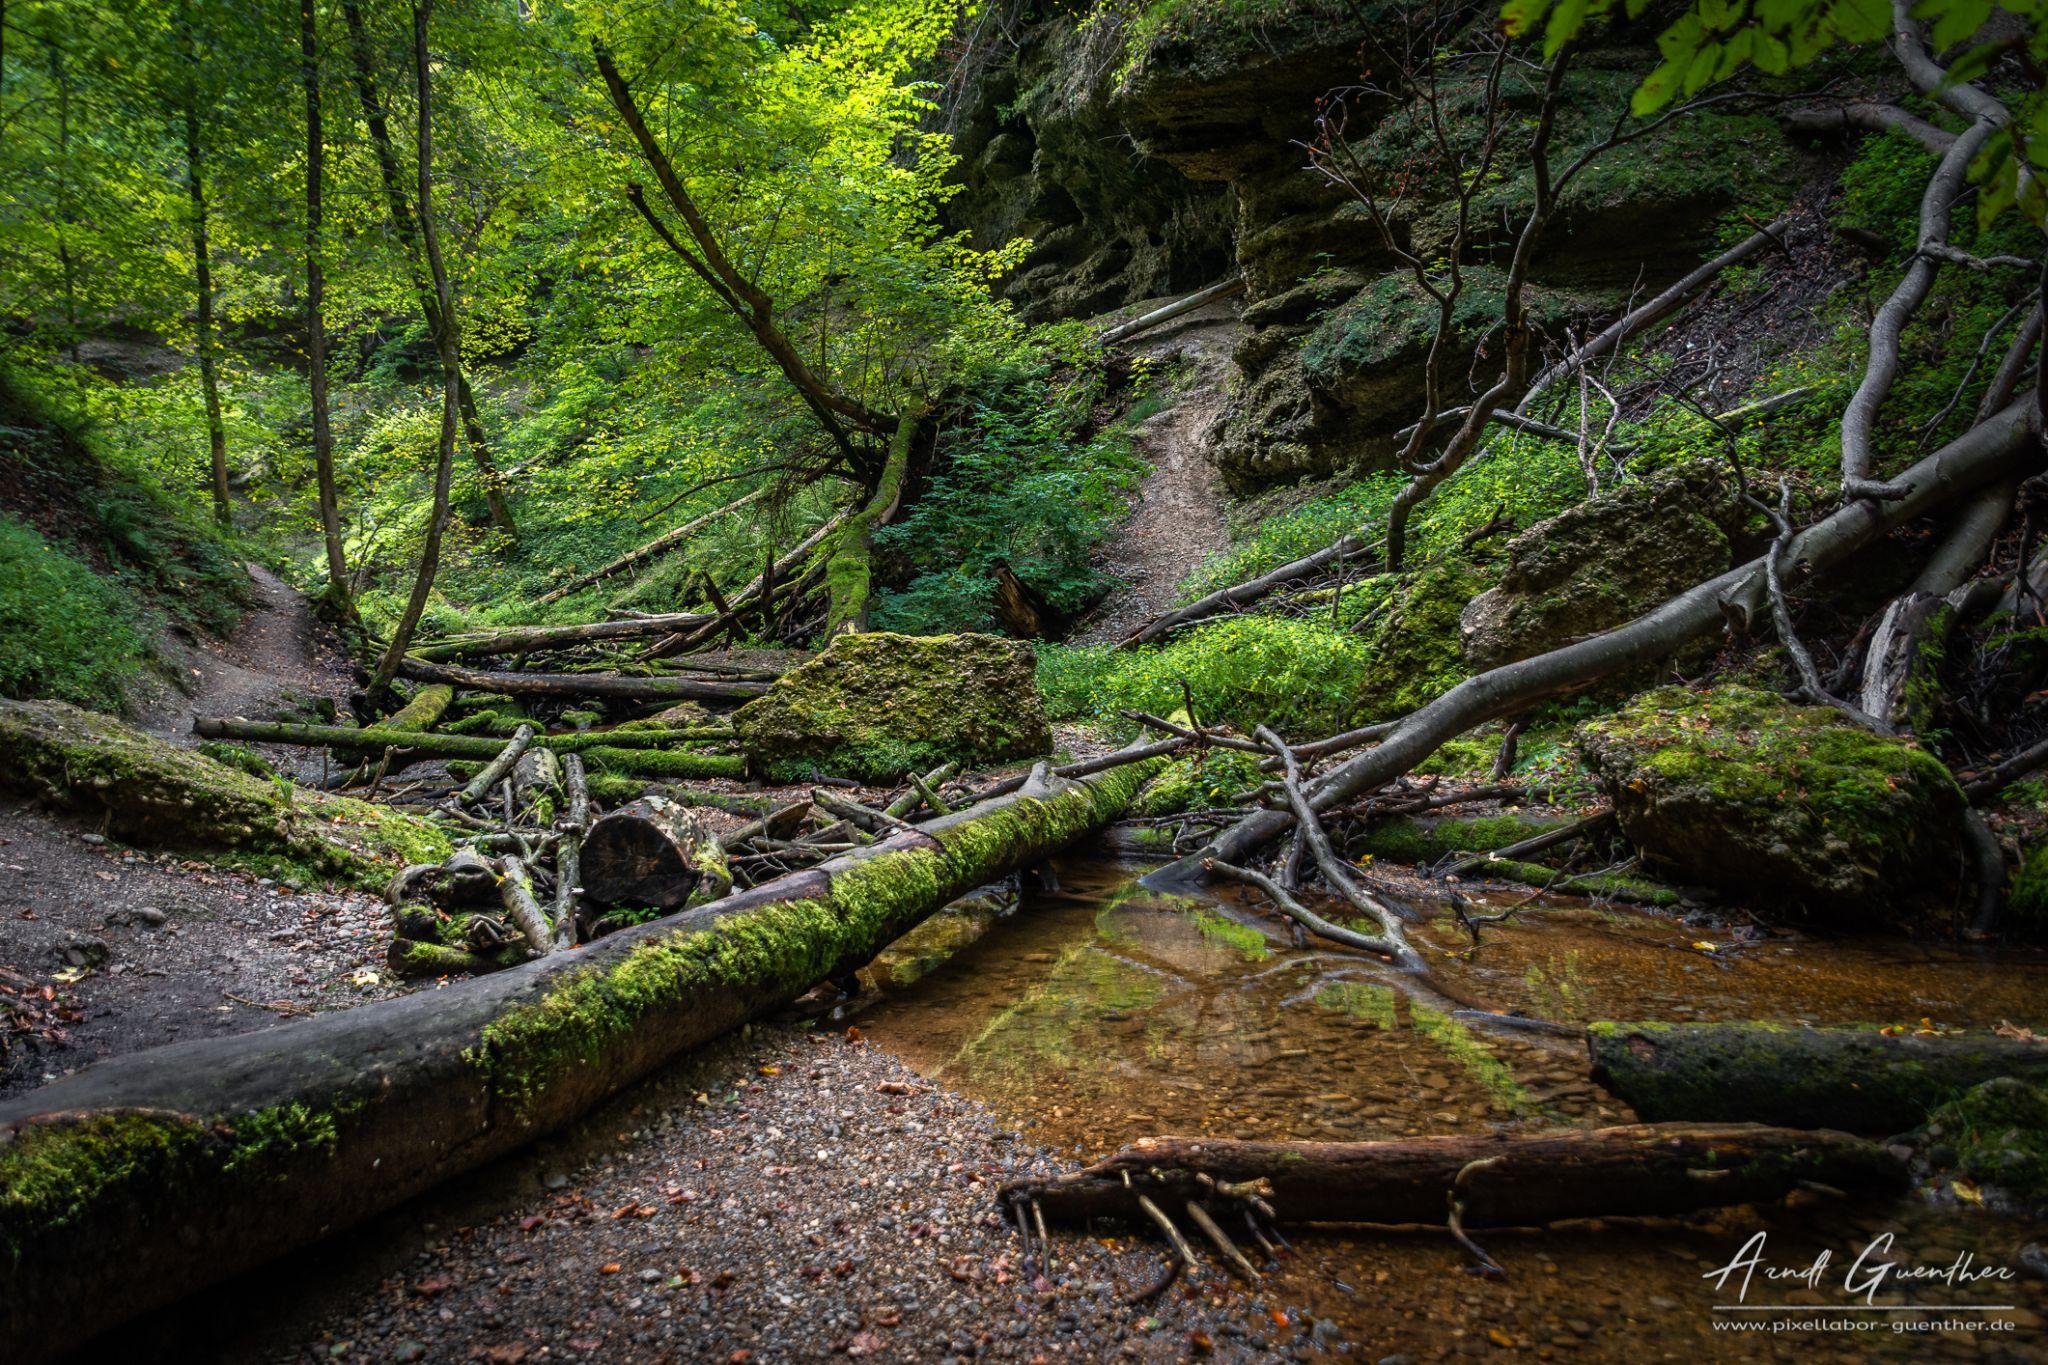 Pähler Gorge, Germany